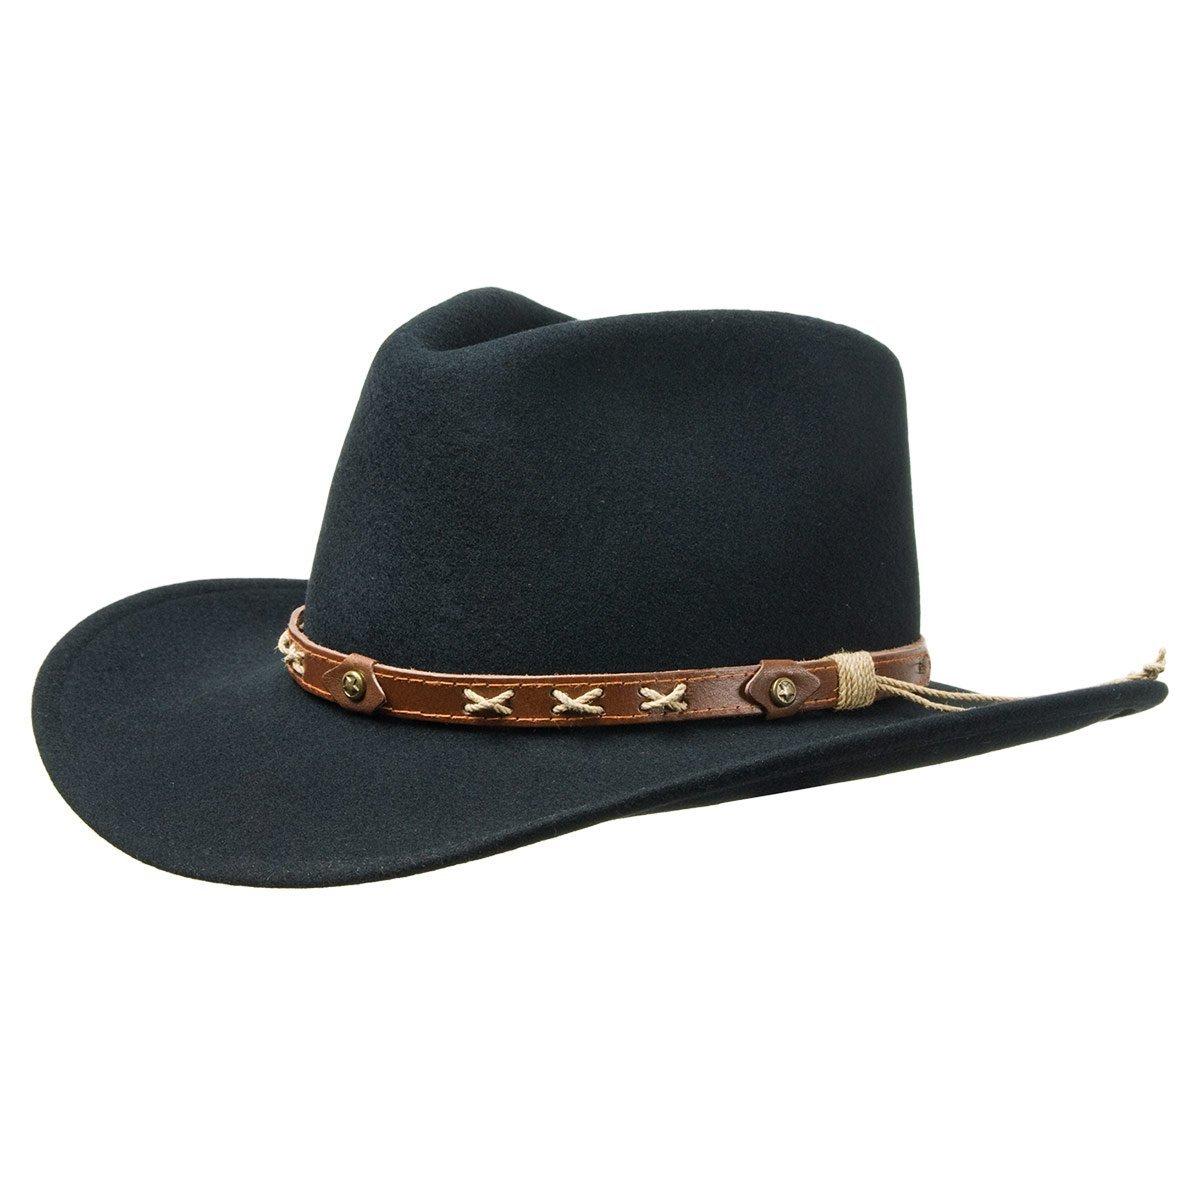 Cappelli da uomo cappello da cowboy outdoor Texas di Hutter cappelli ... 21462b794eb7